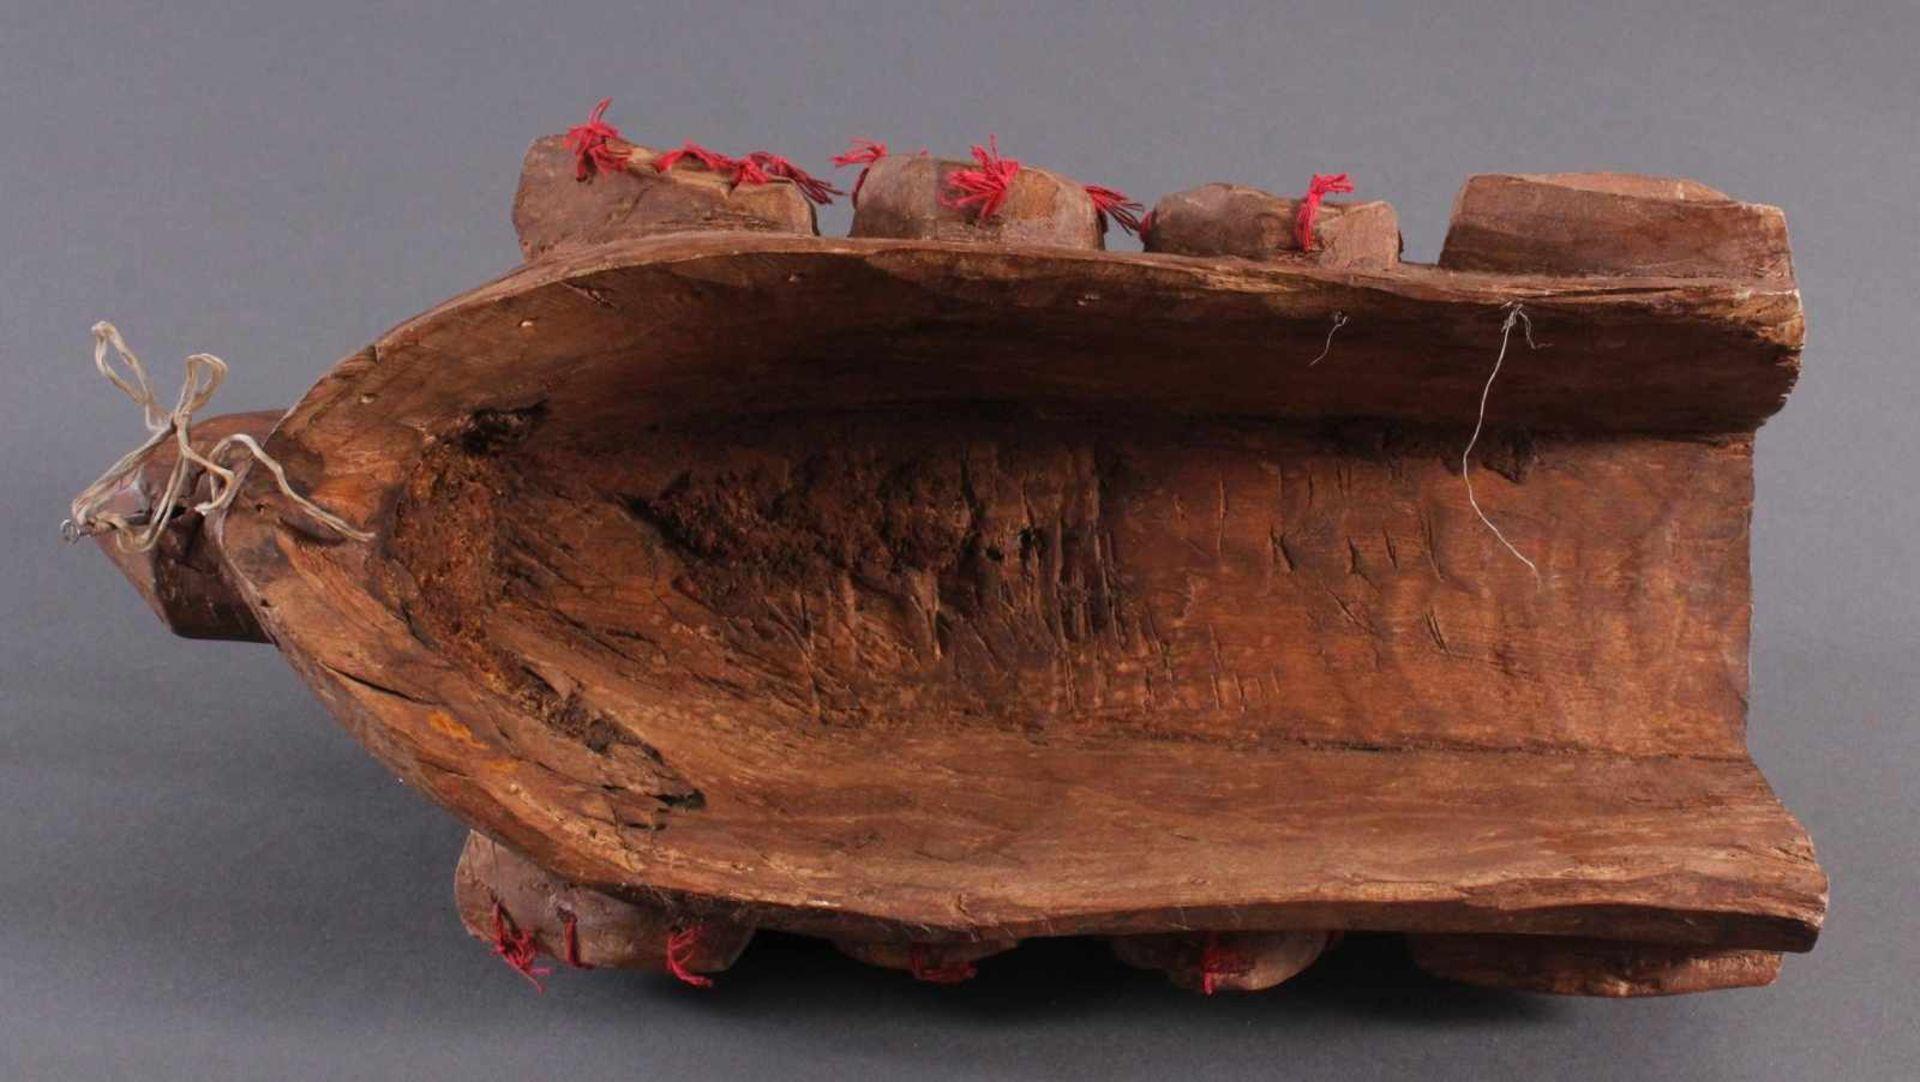 Antike Wandmaske, Mambila Kamerun 1. Hälfte 20. Jh.Helles Holz, geschnitzt, verziert mit roten - Bild 6 aus 6